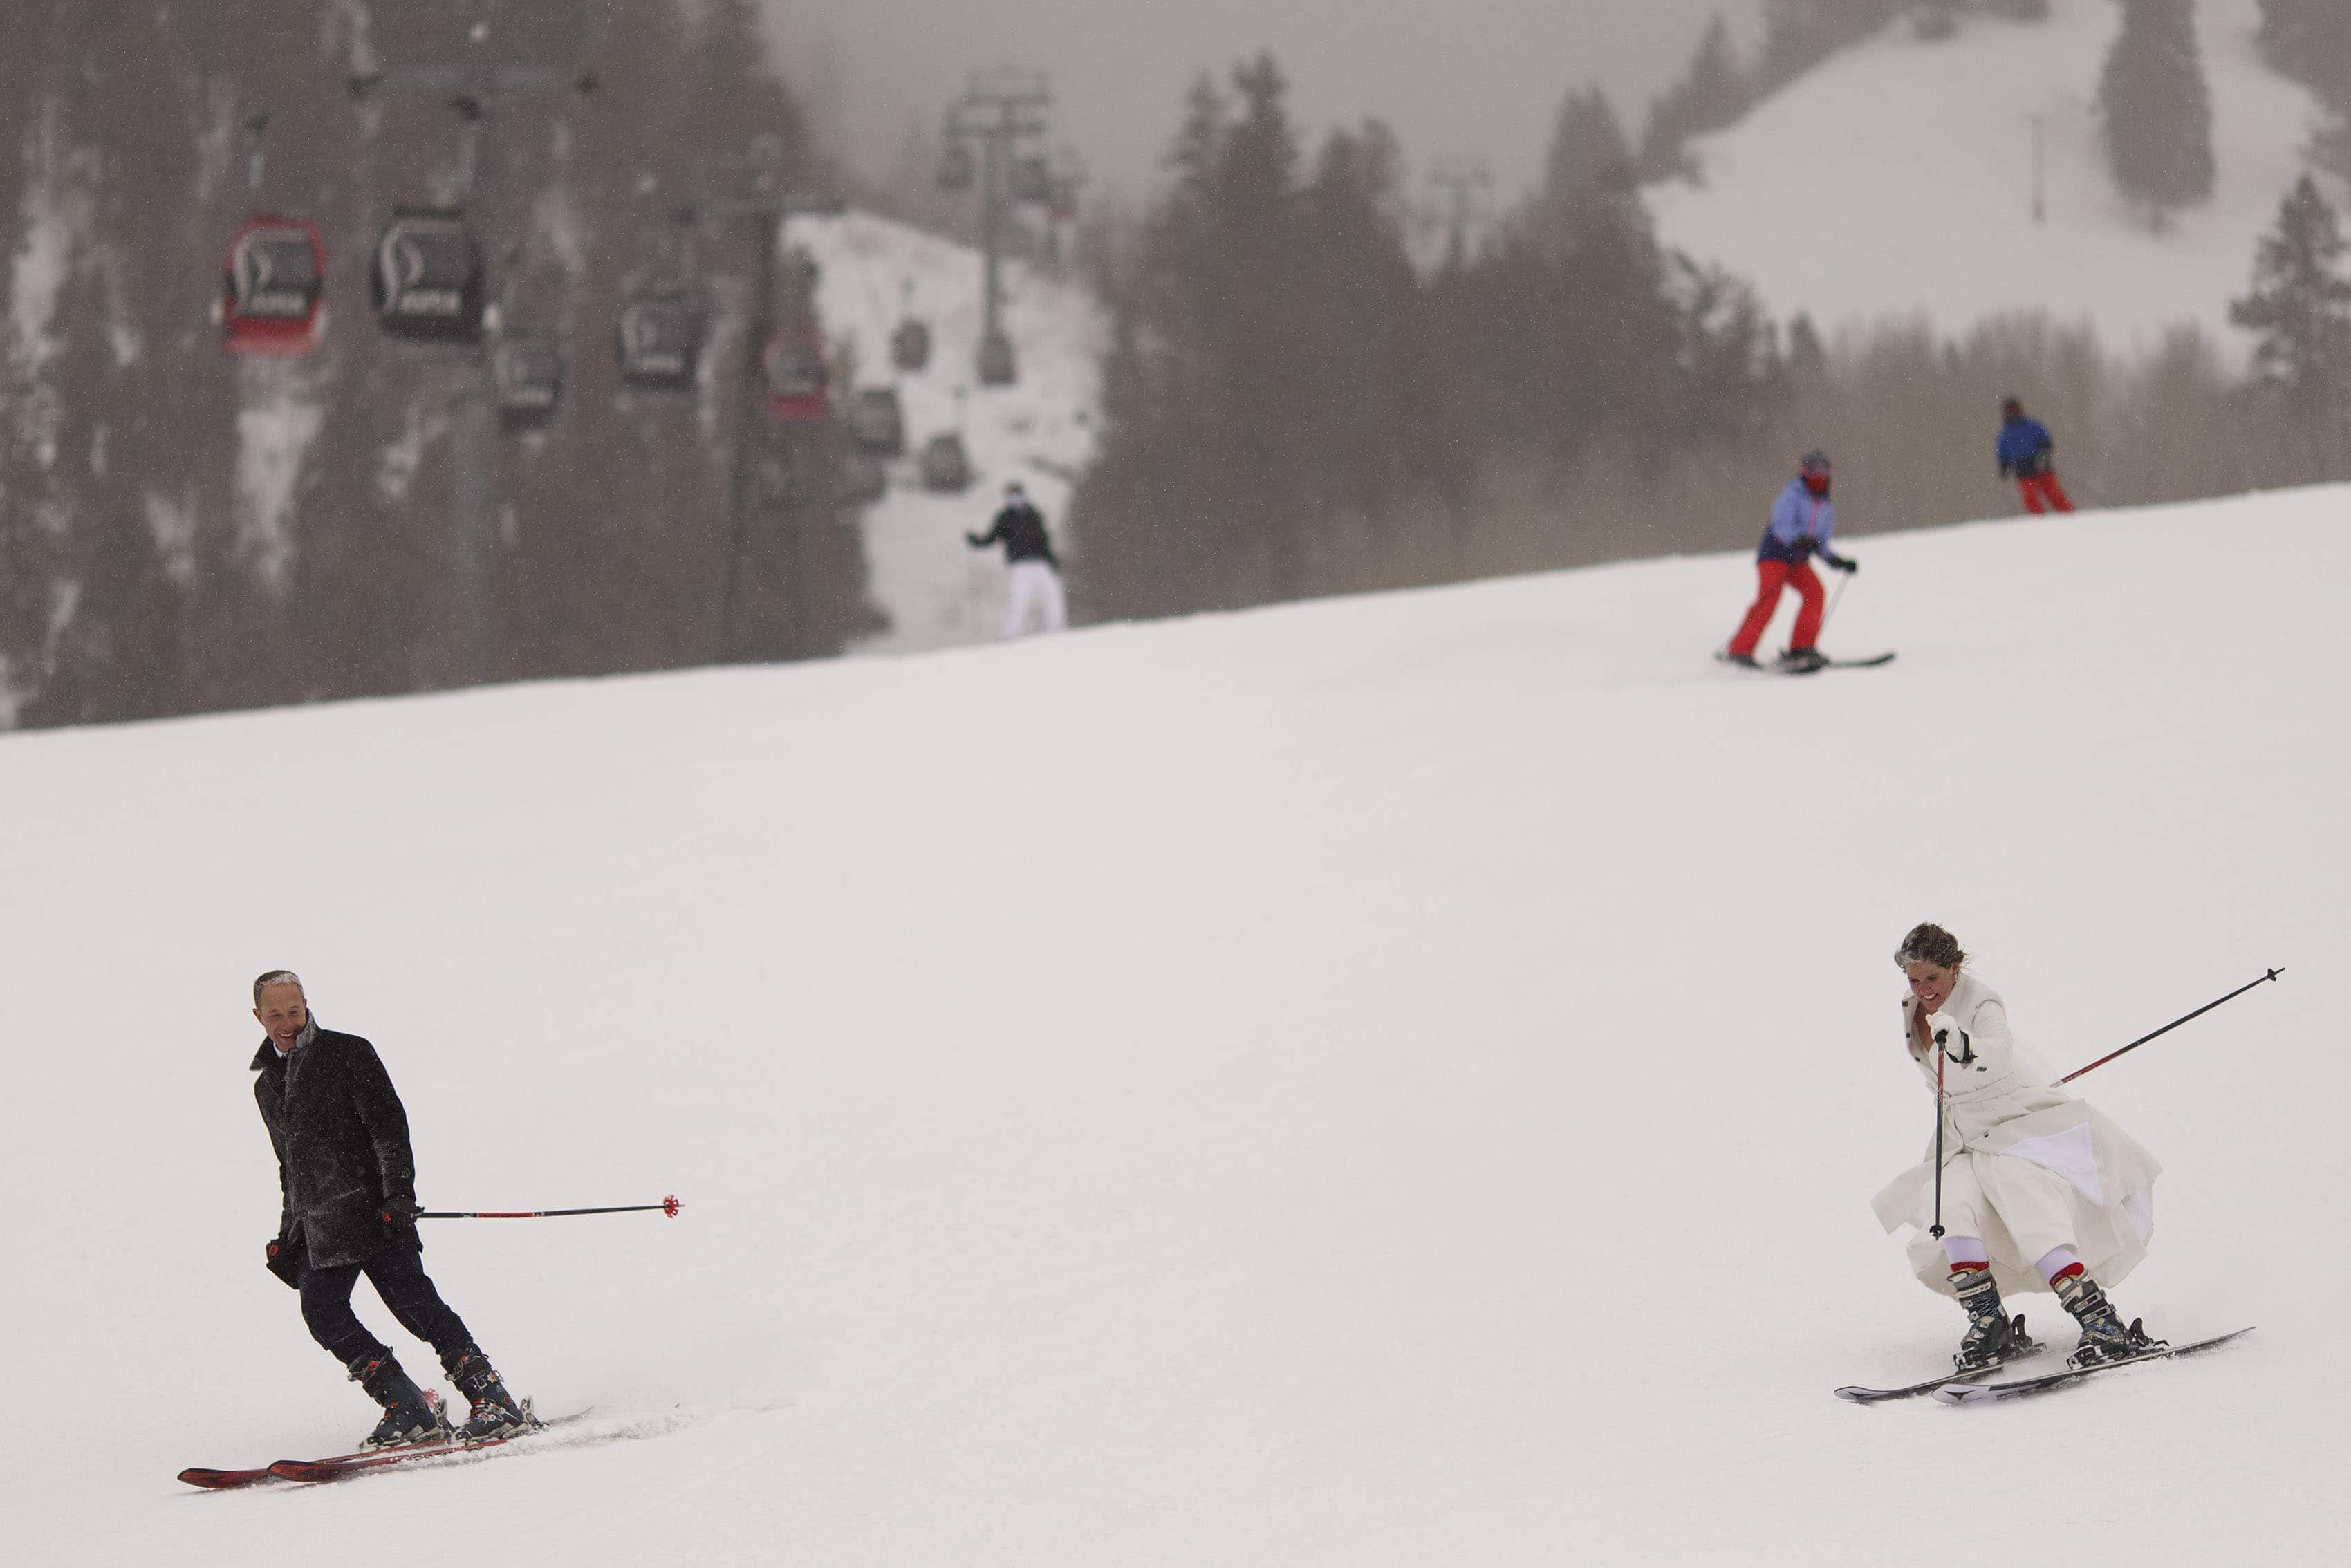 Kyle and Olivia ski down Aspen mountain on their wedding day